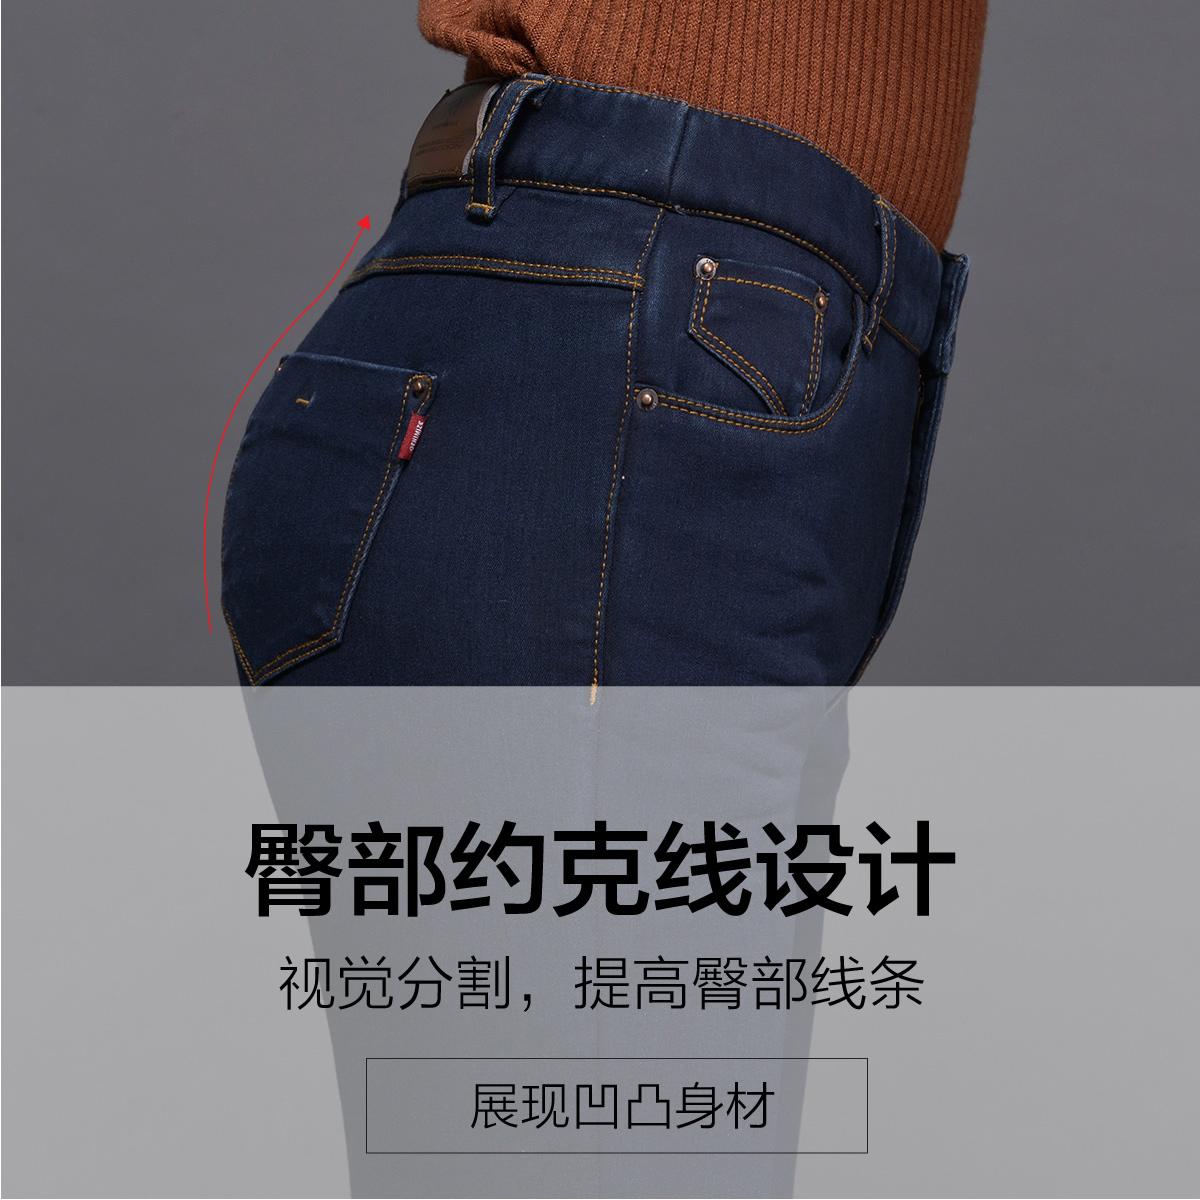 逸阳女裤2016新款冬季加绒牛仔裤女铅笔裤大码弹力小脚裤靴裤1656产品展示图3